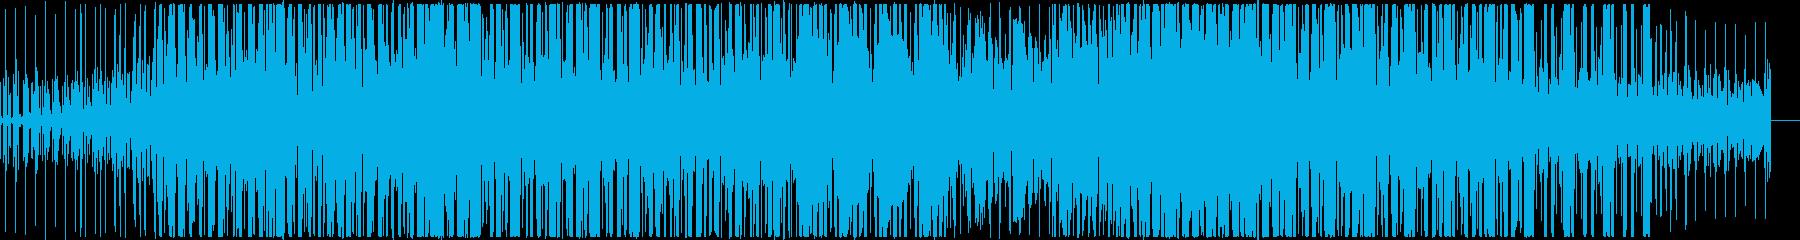 【歌】女性英詩ボーカルダンス曲【重低音】の再生済みの波形